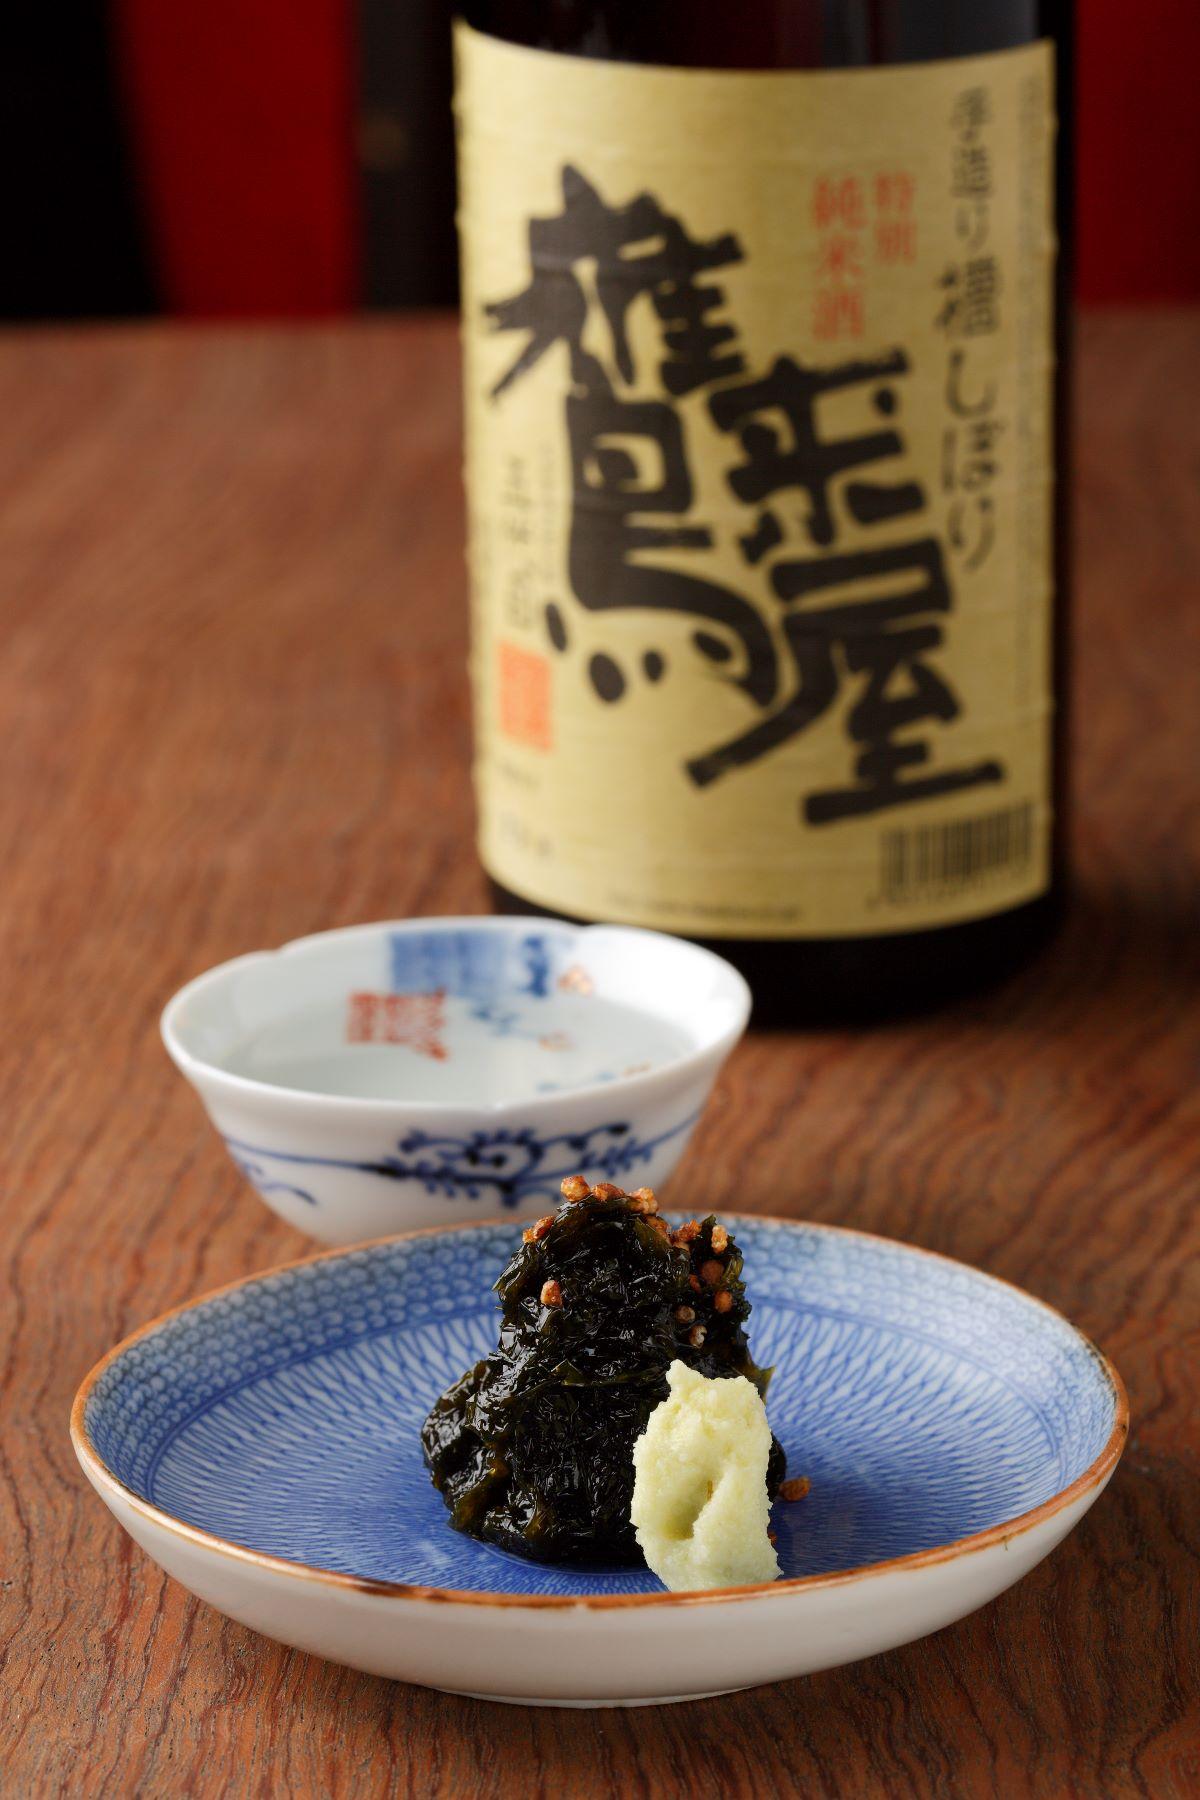 「鷹来屋」550円(半合)は燗でも旨い。香ばしいそば茶がアクセントの岩のりワサビ440円とともに永遠に飲める。